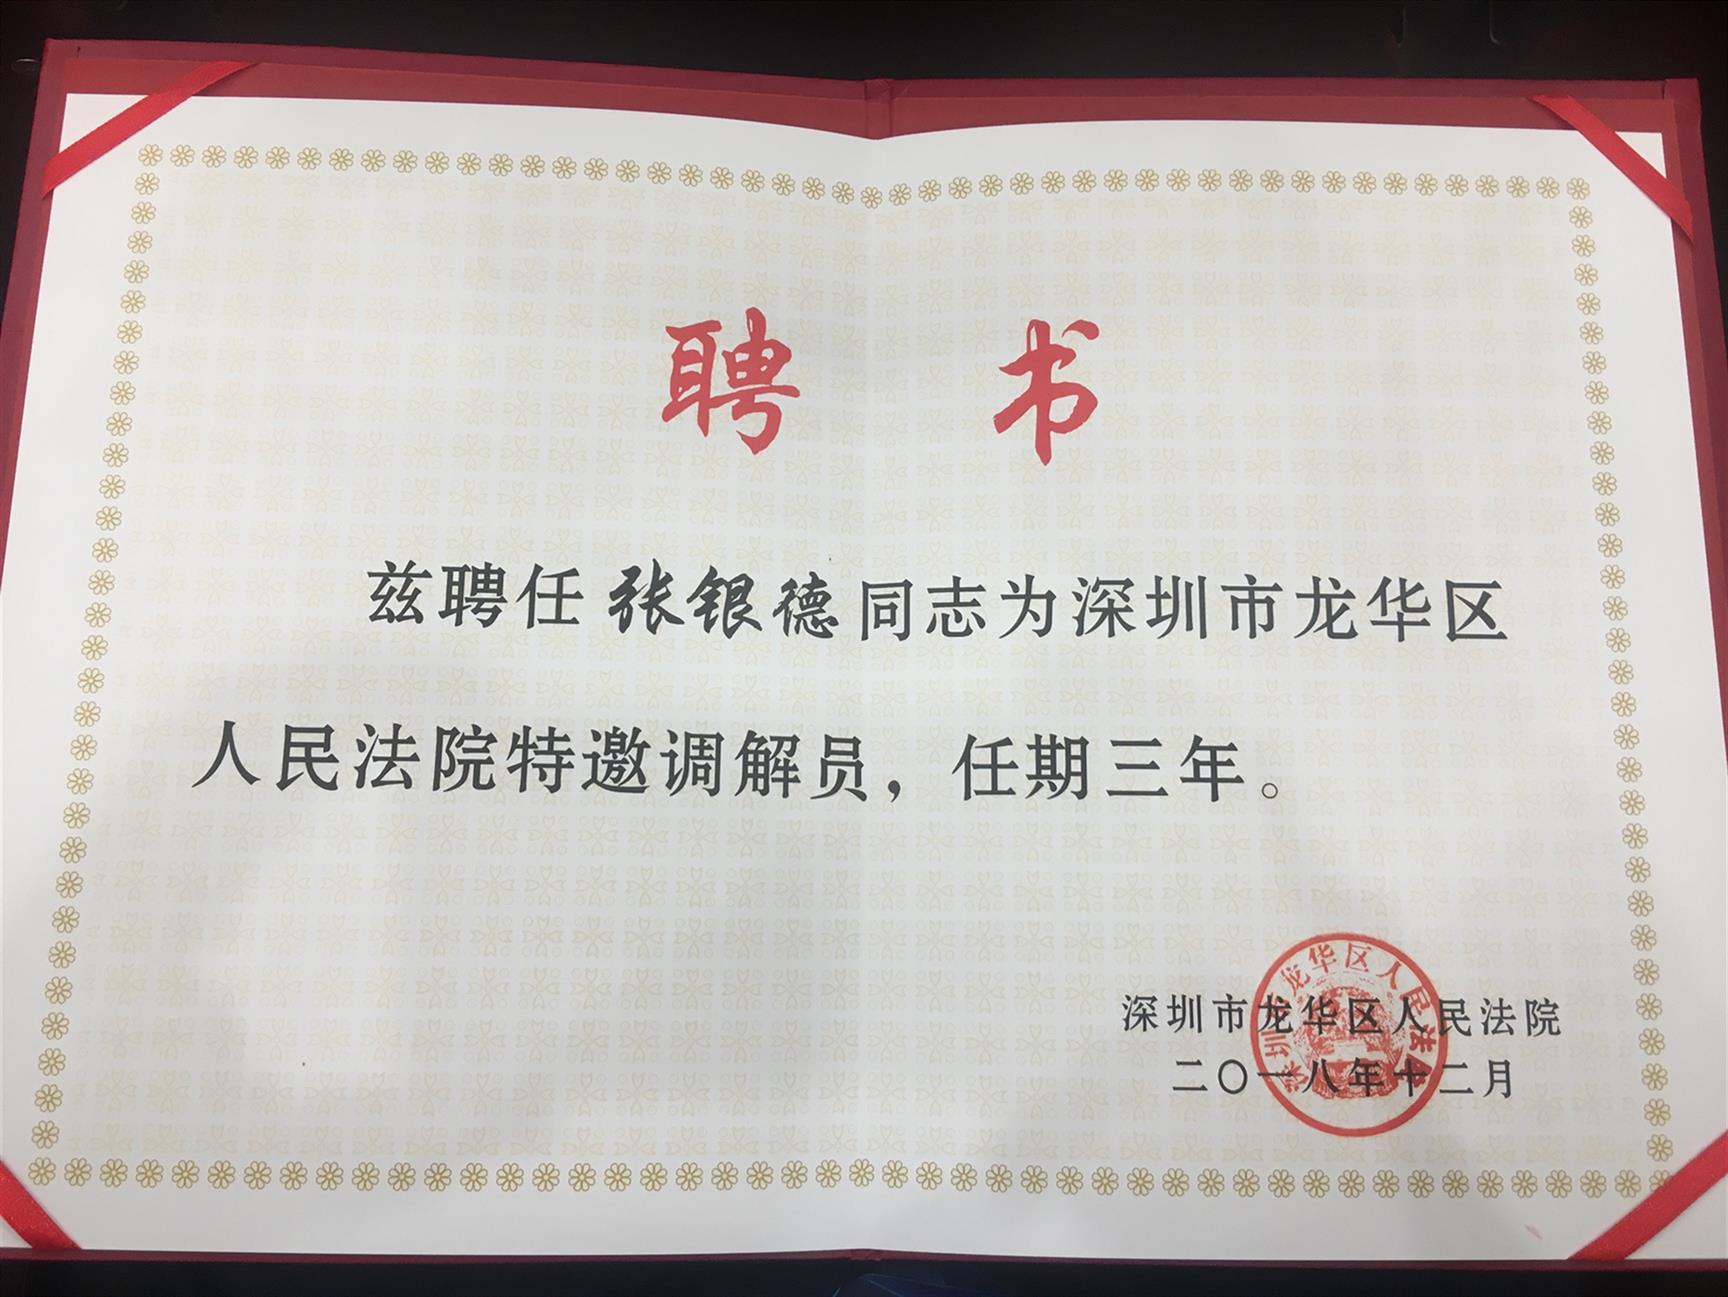 深圳石岩律师事务所